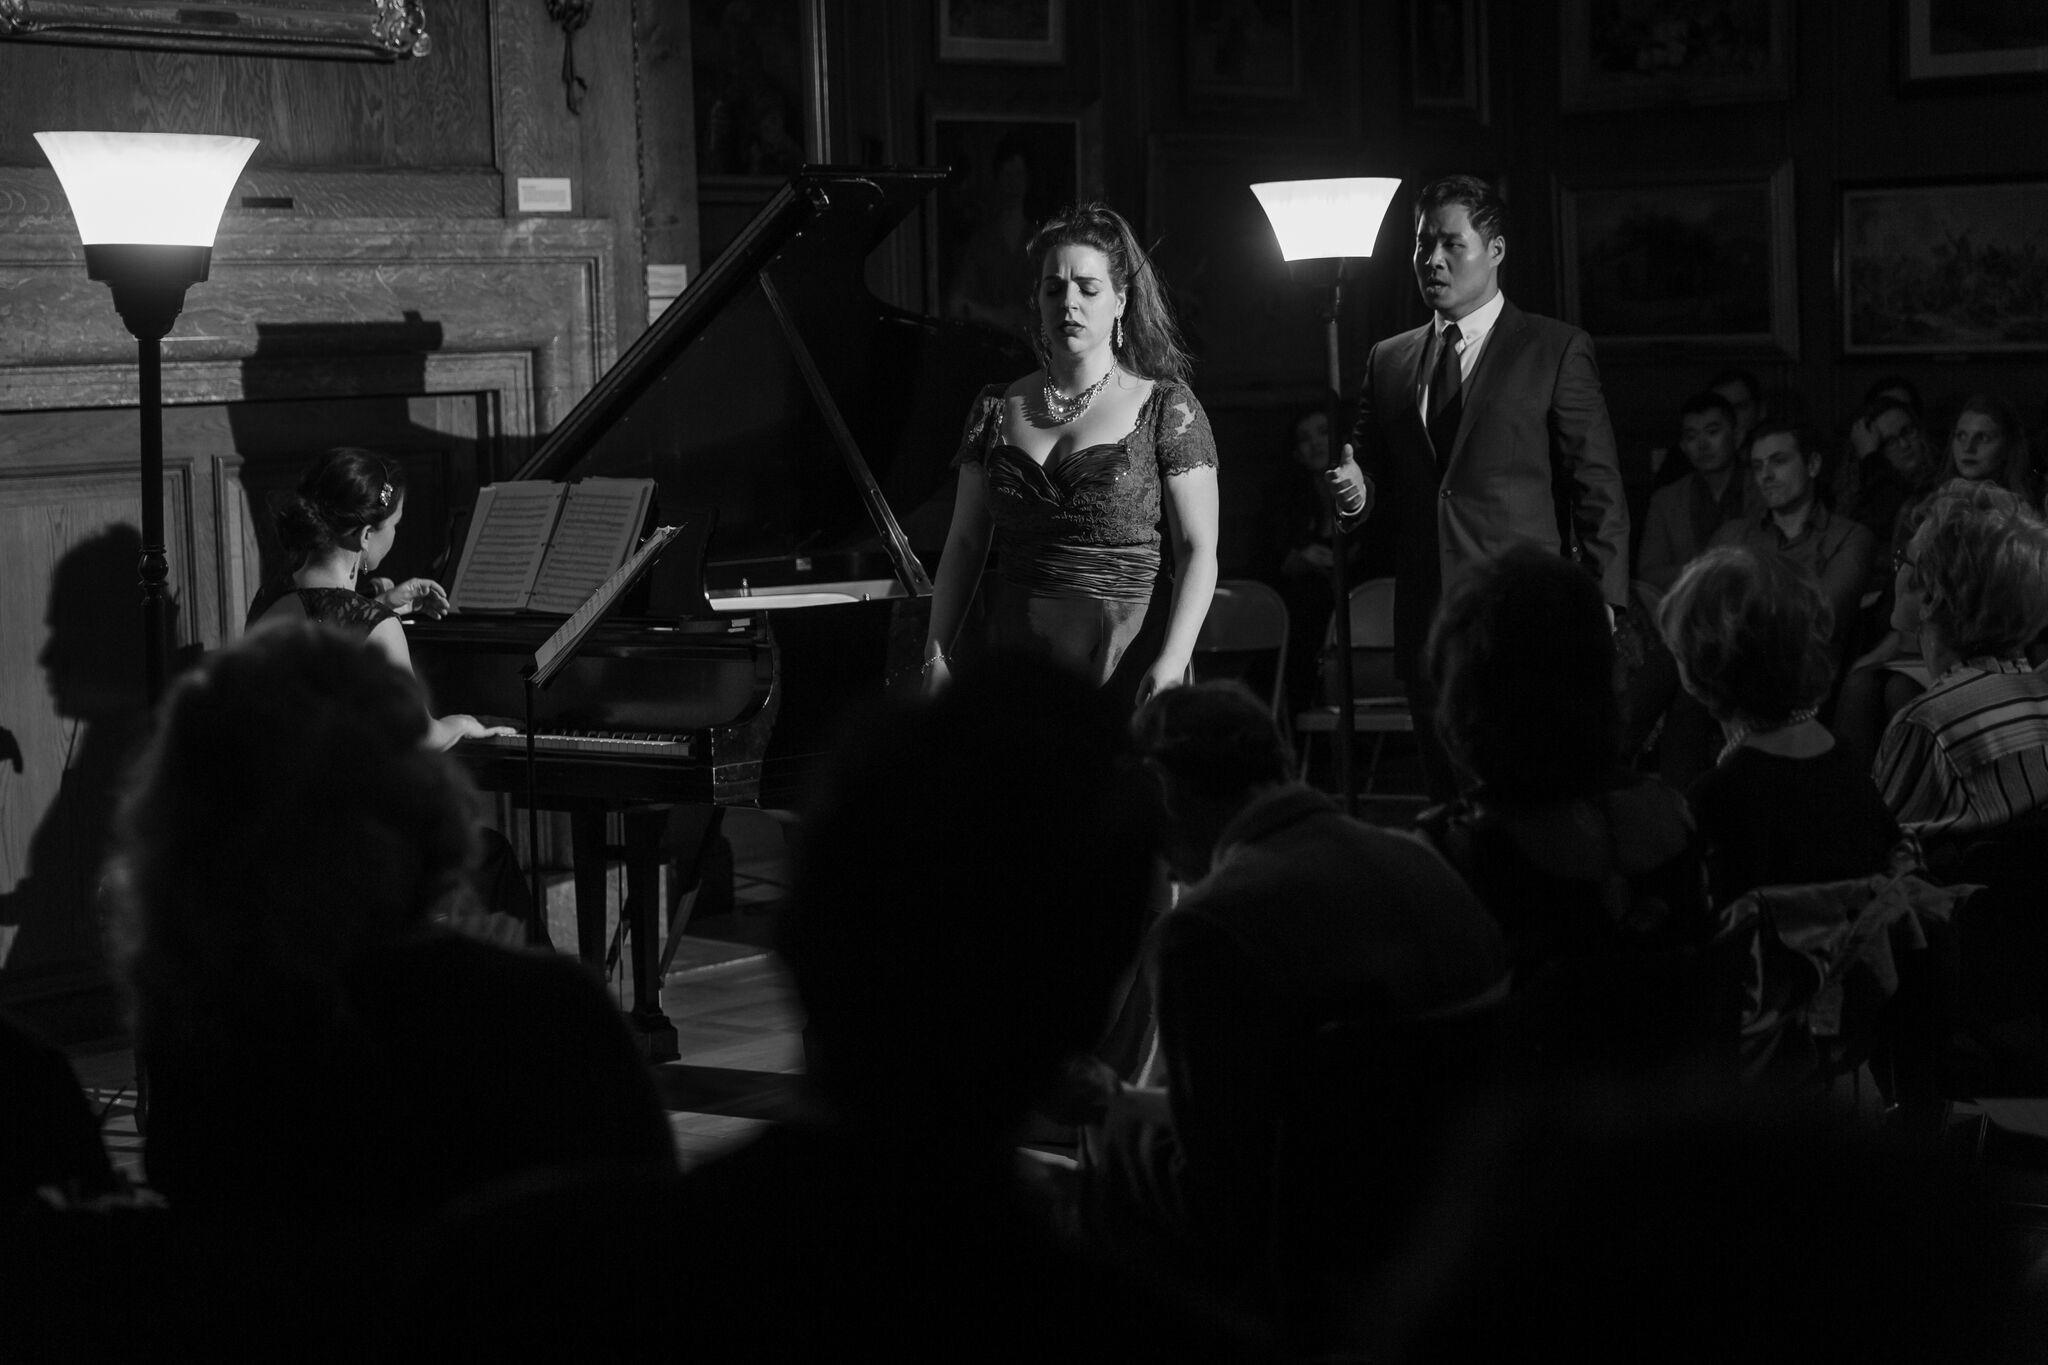 Traviata duet with baritone, Suchan Kim and pianist, Laetitia Ruccolo